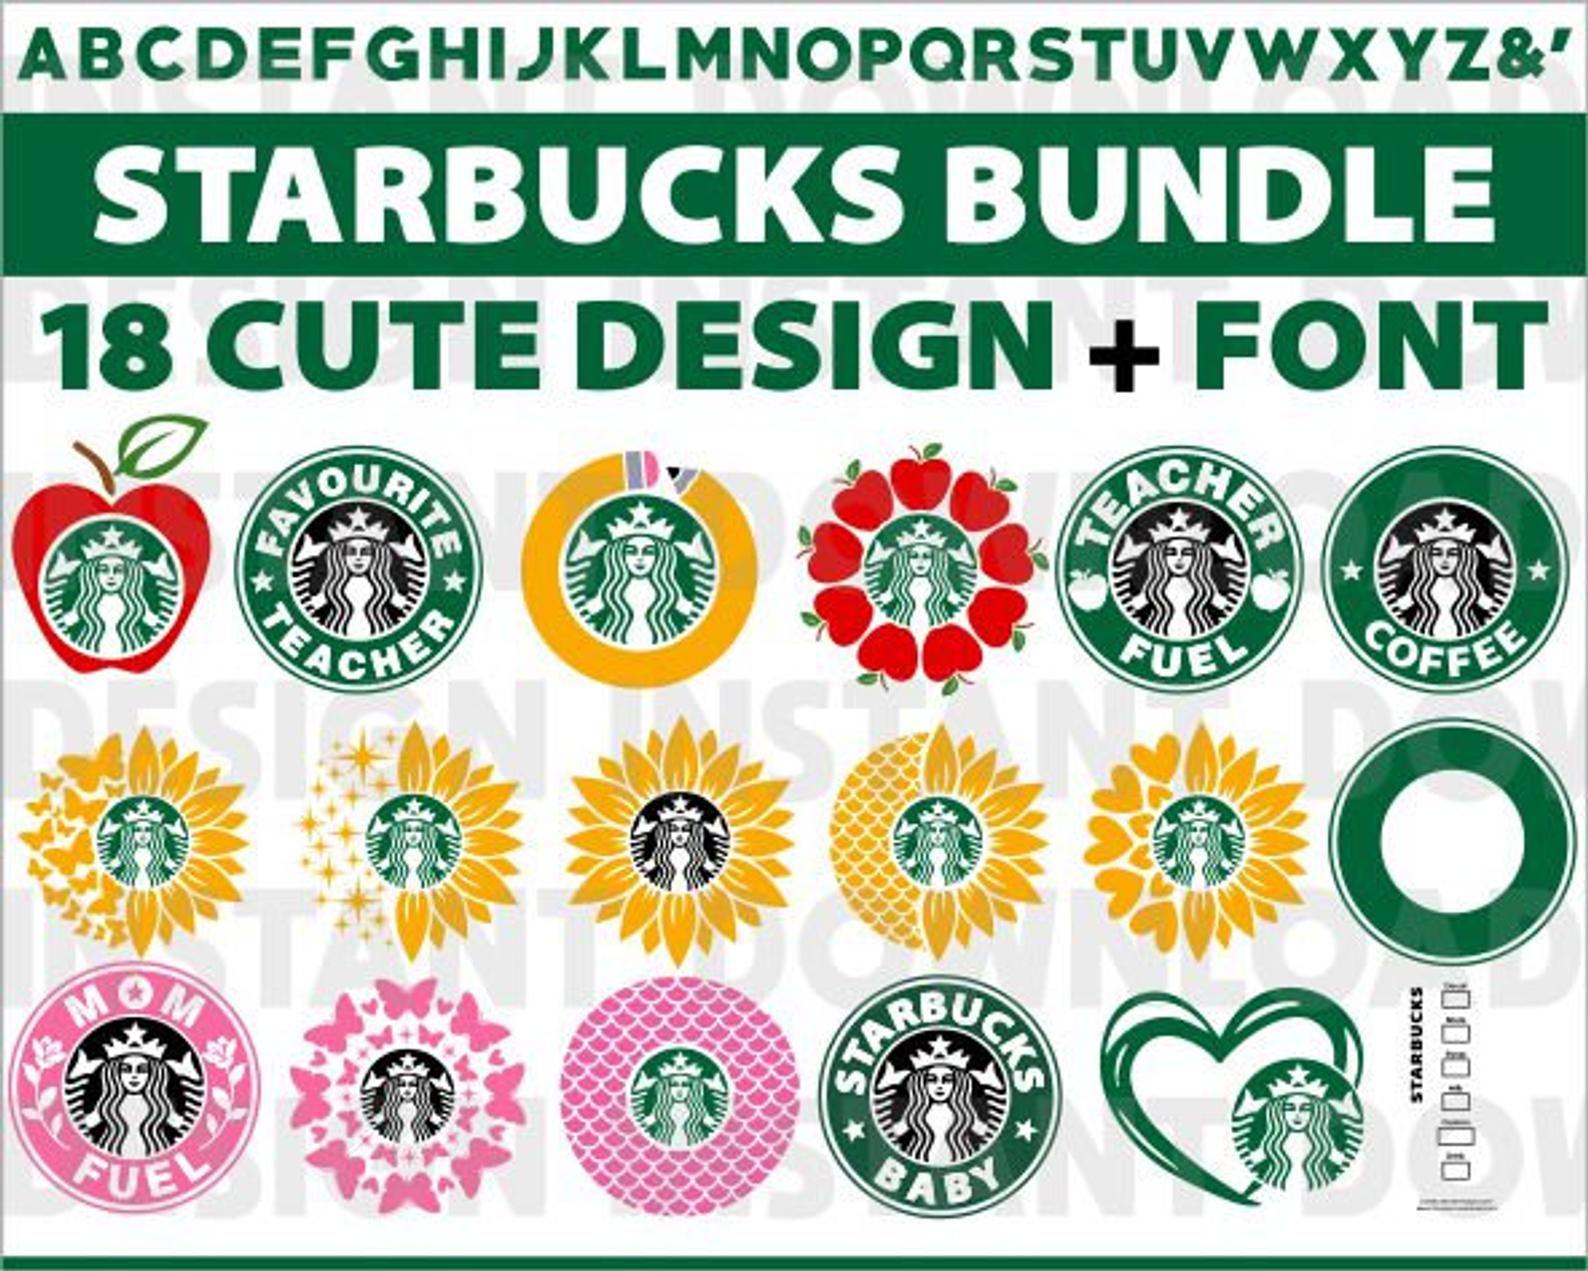 Download Starbucks Svg BundleStarbucks Teacher SvgStarbucks ...